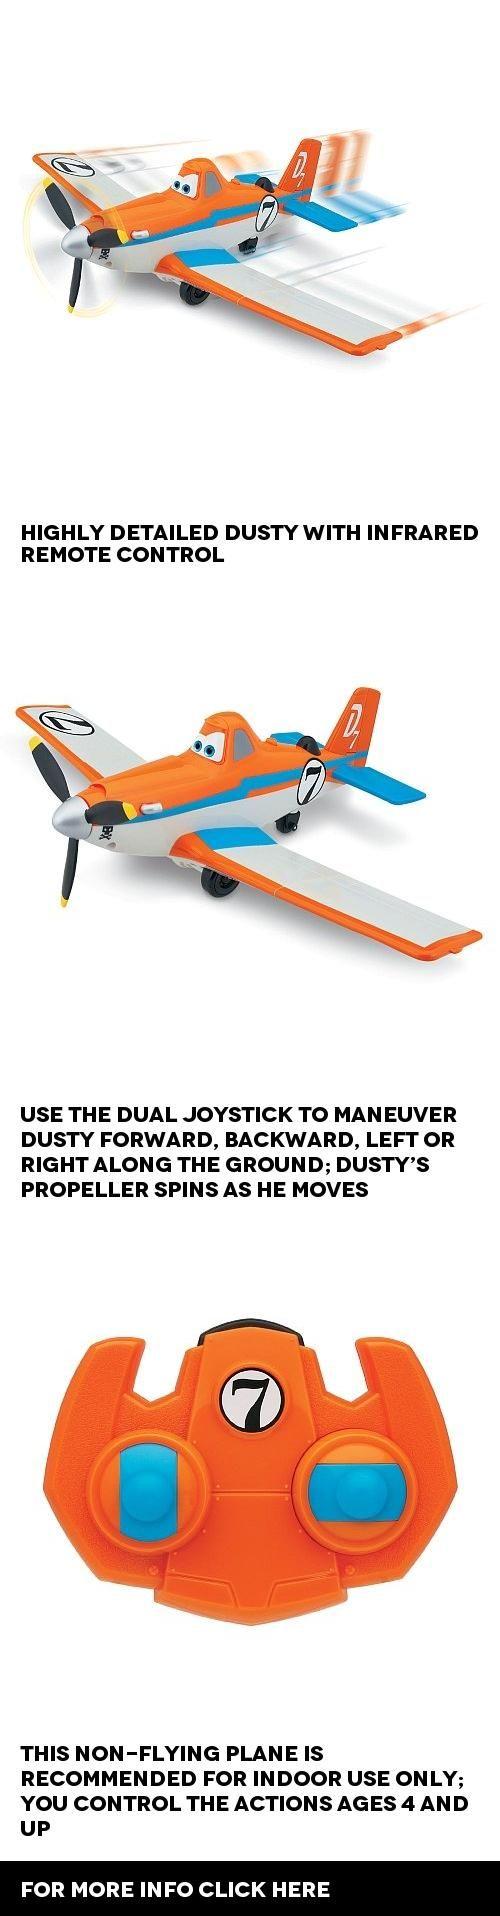 Mejores 24 imágenes de Dusty the plane en Pinterest | Películas de ...